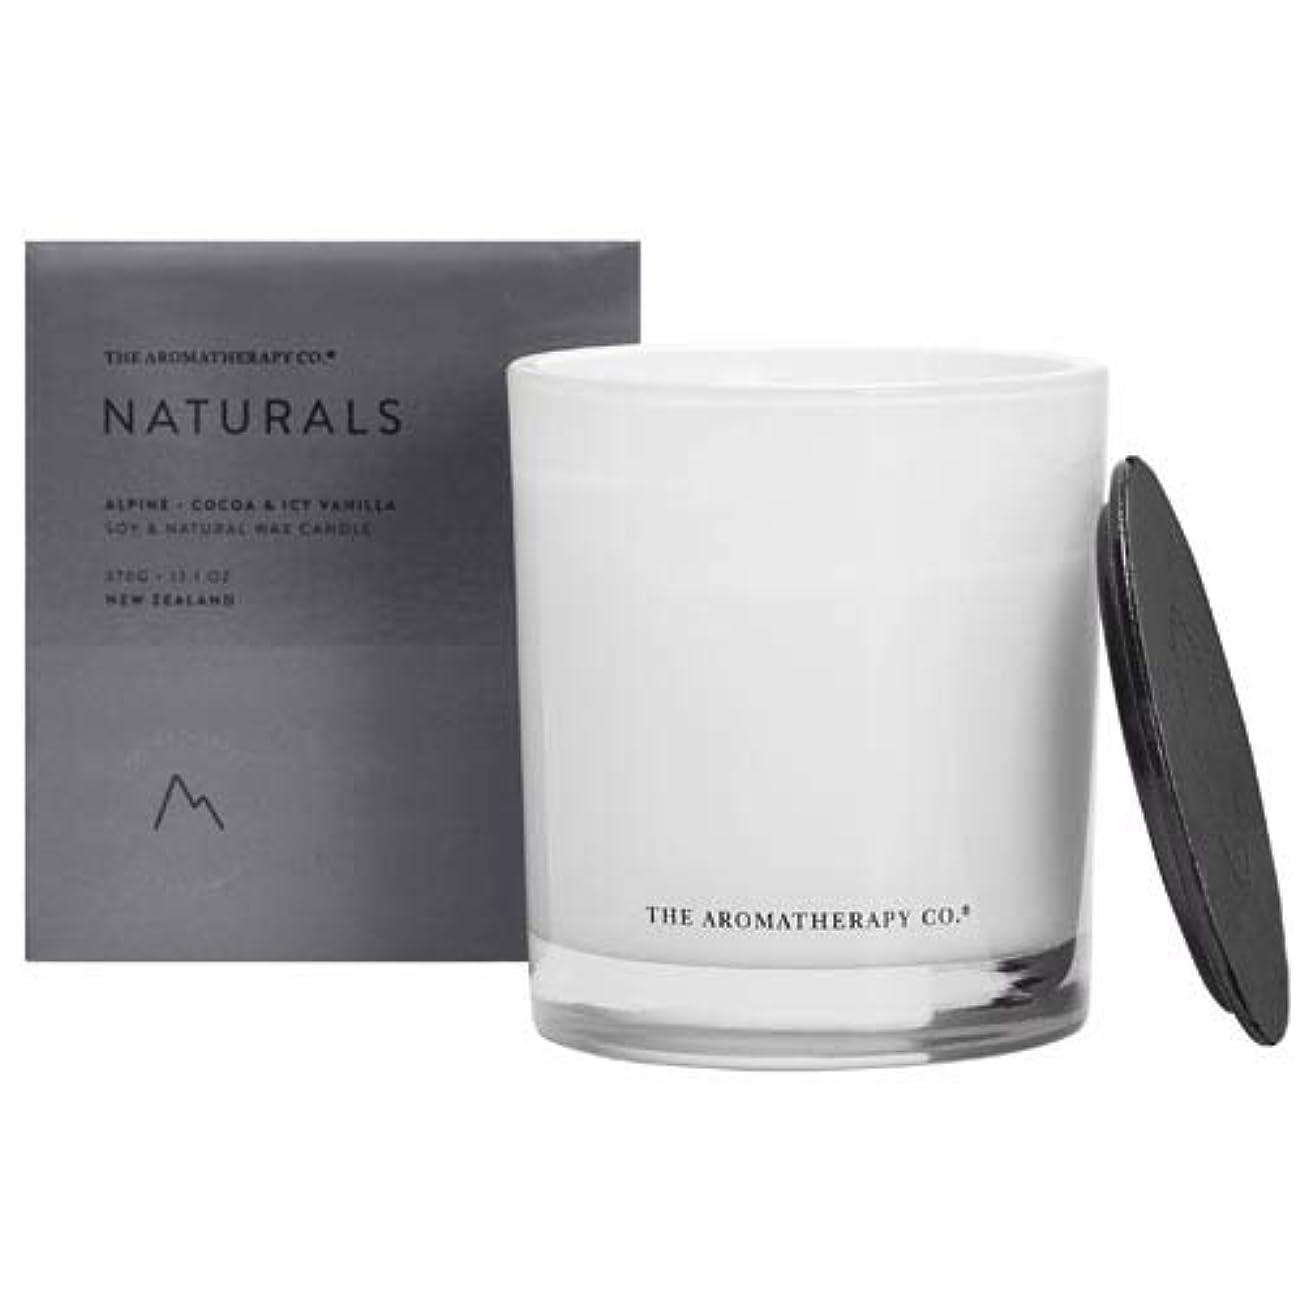 ラッドヤードキップリングポインタジェムアロマセラピーカンパニー(Aromatherapy Company) new NATURALS ナチュラルズ Candle キャンドル Alpine アルパイン(山) Cocoa & Icy Vanilla ココア&アイシーバニラ